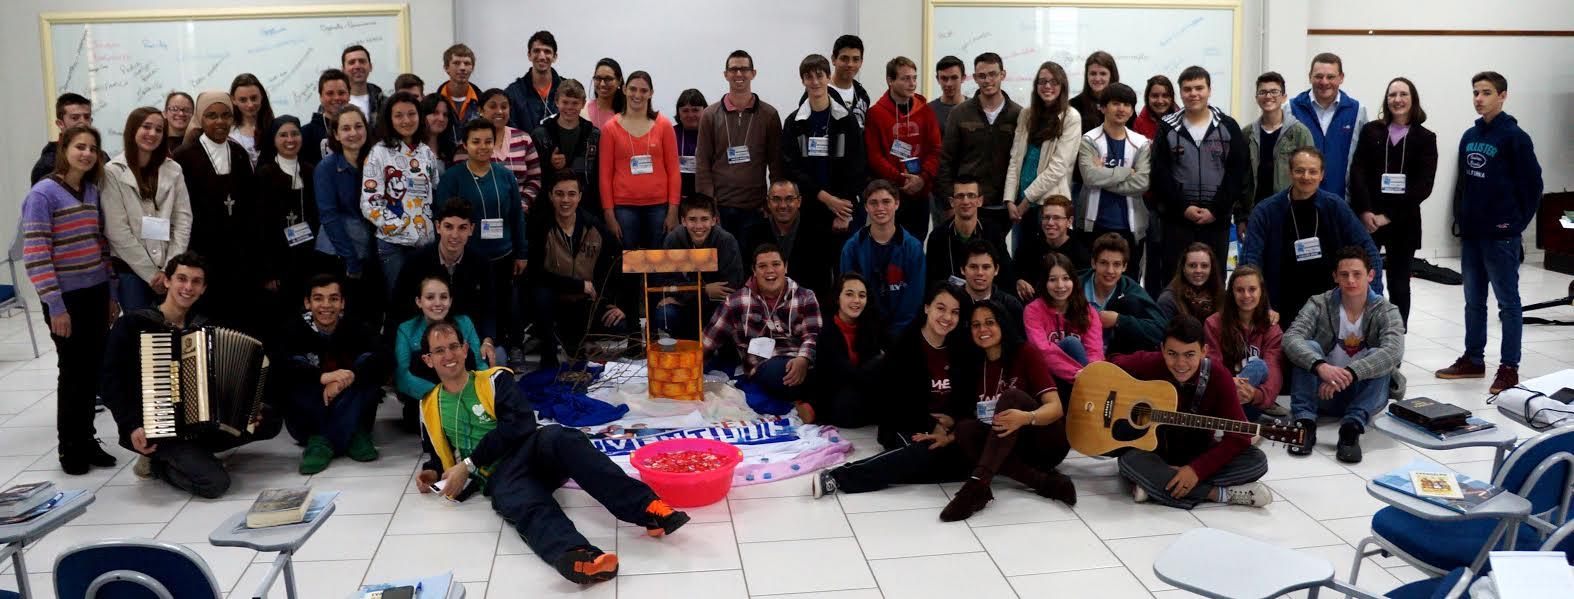 Jovens da Diocese de Rio do Sul realizam a segunda edição do Lectionautas